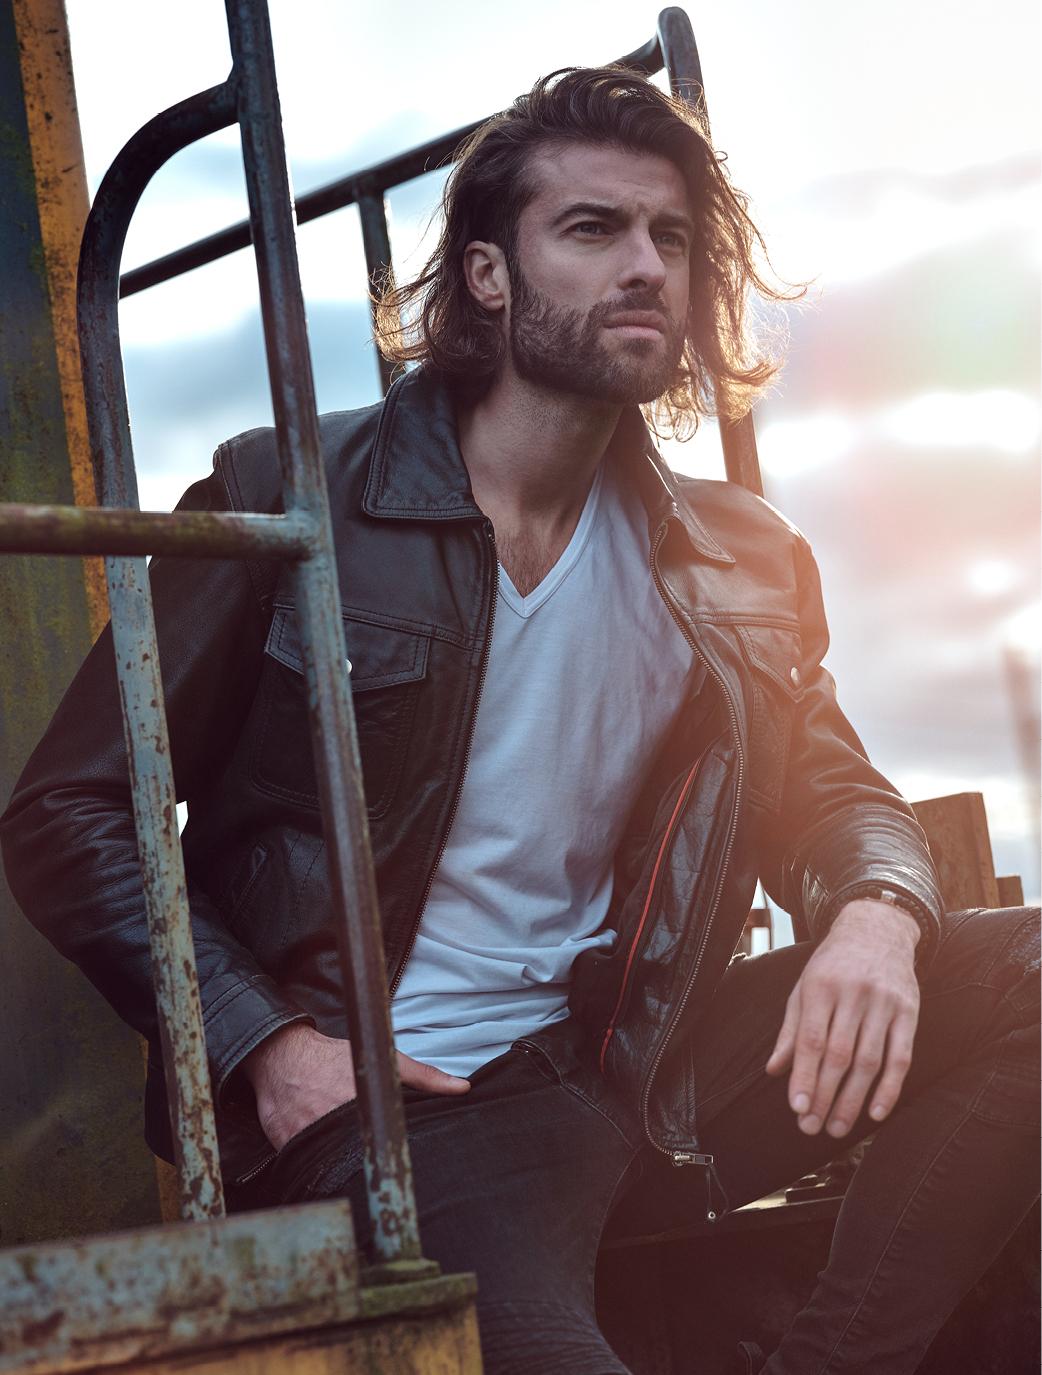 Une coupe irrésistible pour tous les hommes qui souhaitent un look authentique et moderne.